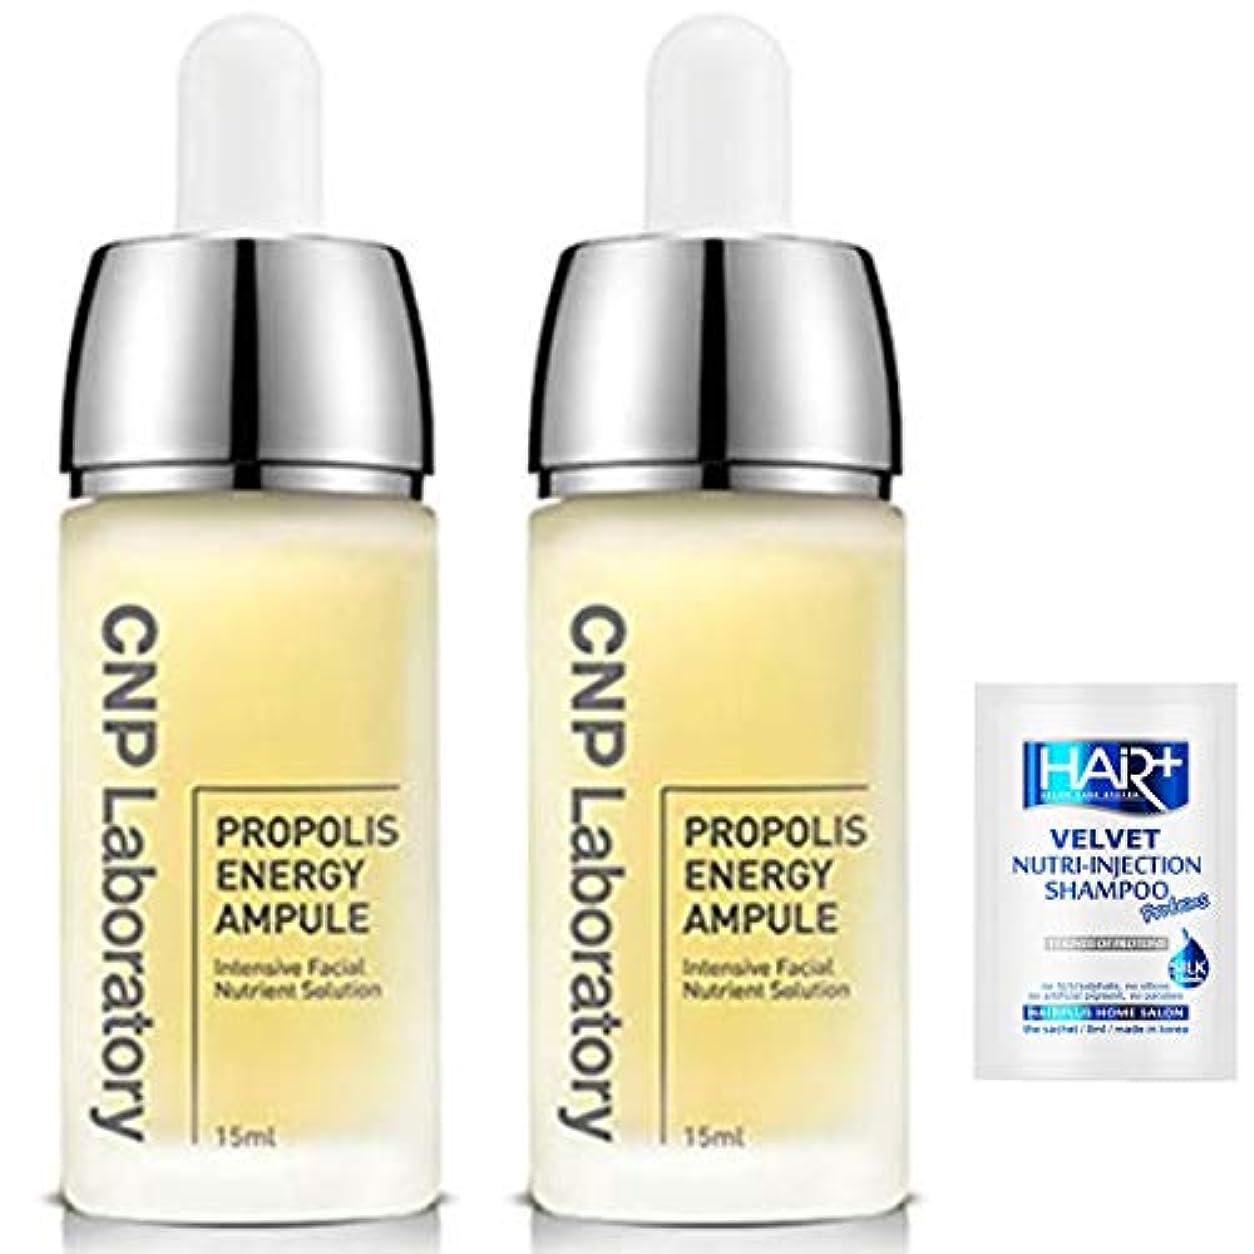 勇者パウダー煙突【CNP Laboratory】プロポリス エネルギーアンプル 15ml X 2EA+HairPlus NonSilicon Shampoo 8ml